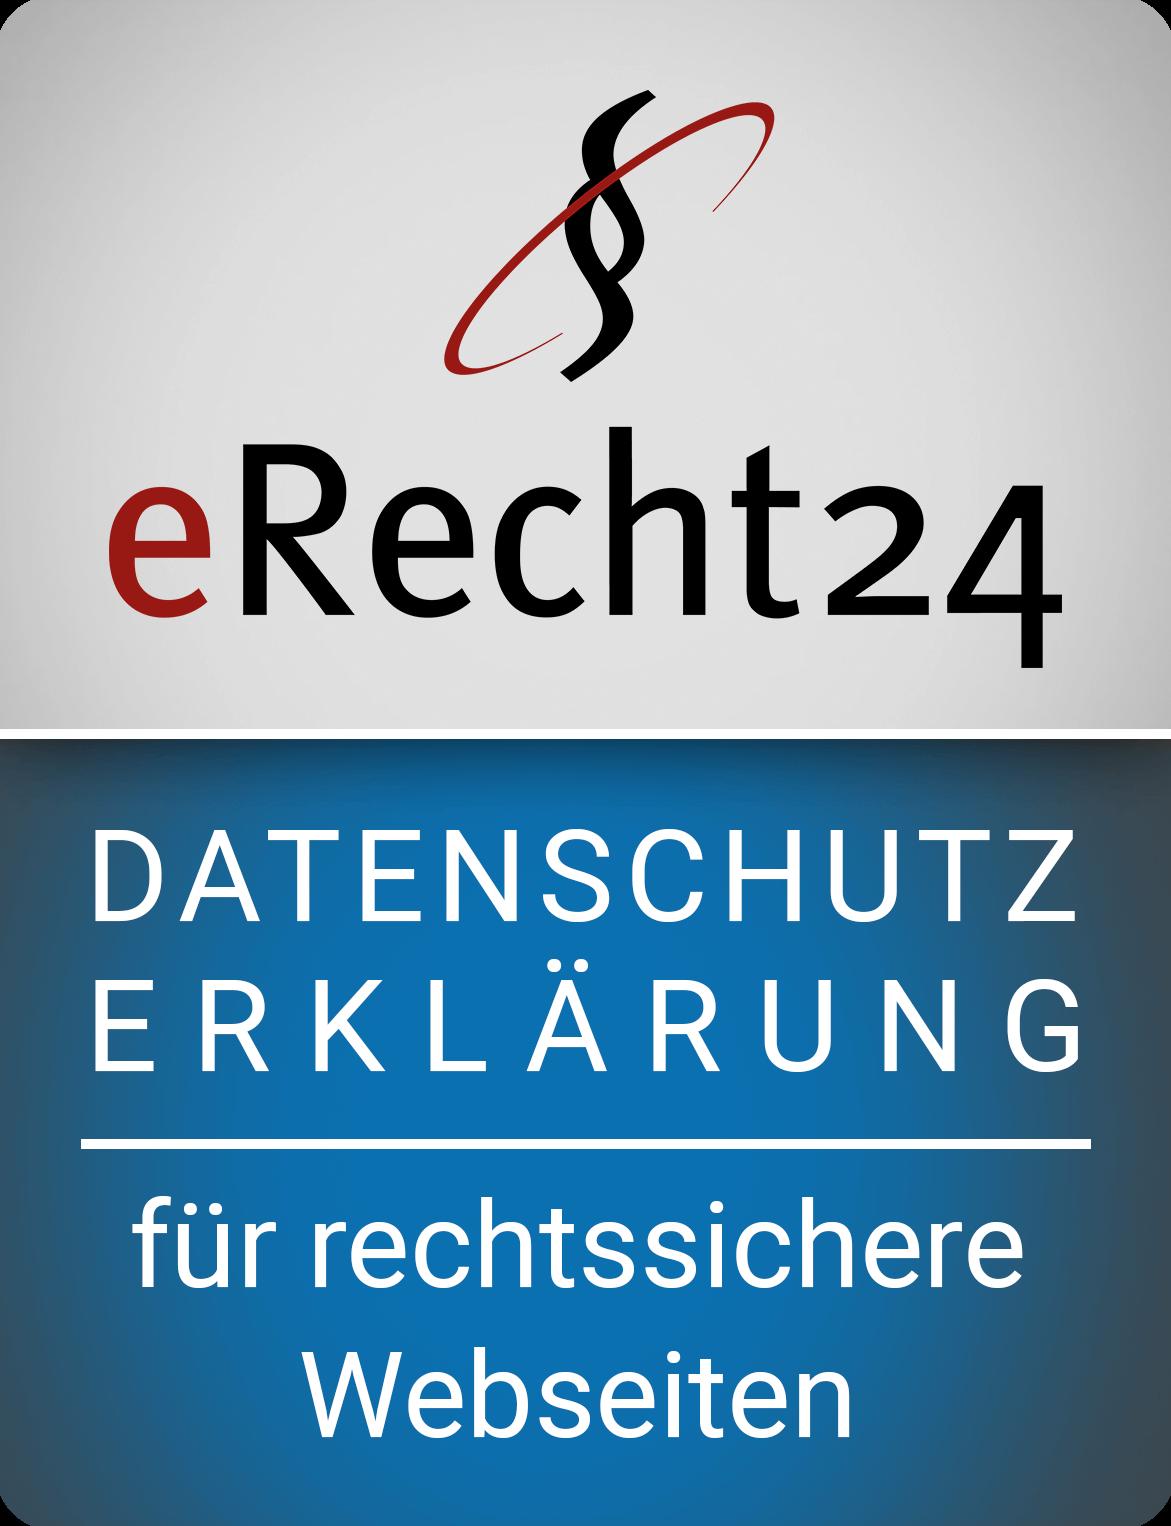 erecht24-siegel-datenschutzerklaerung-blau-gross.png